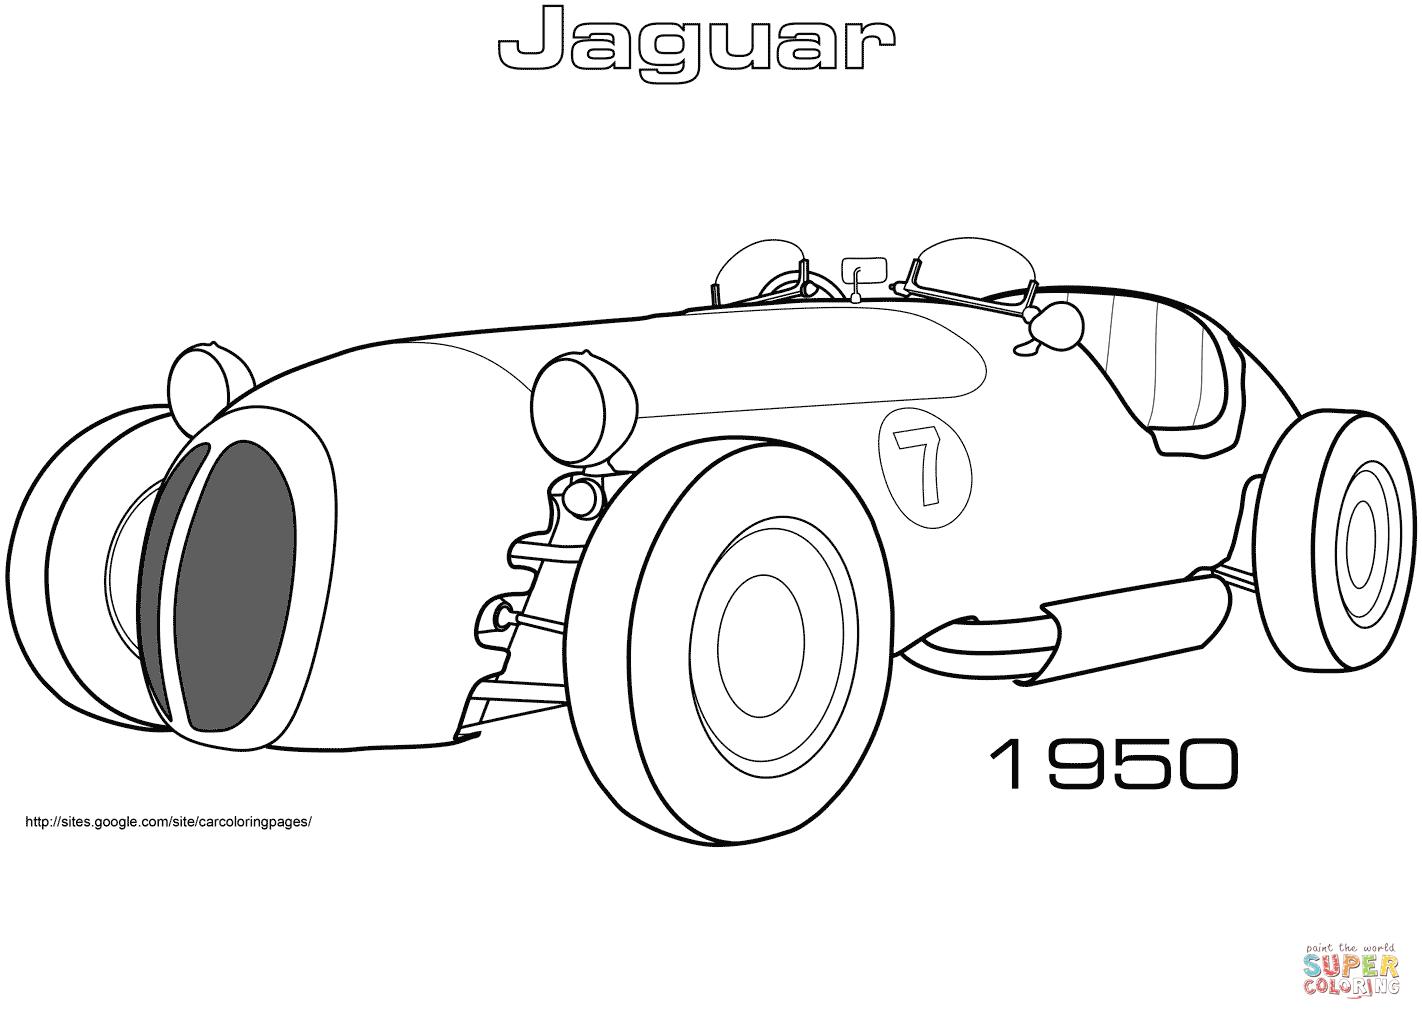 Jaguar Car Drawing At Getdrawings